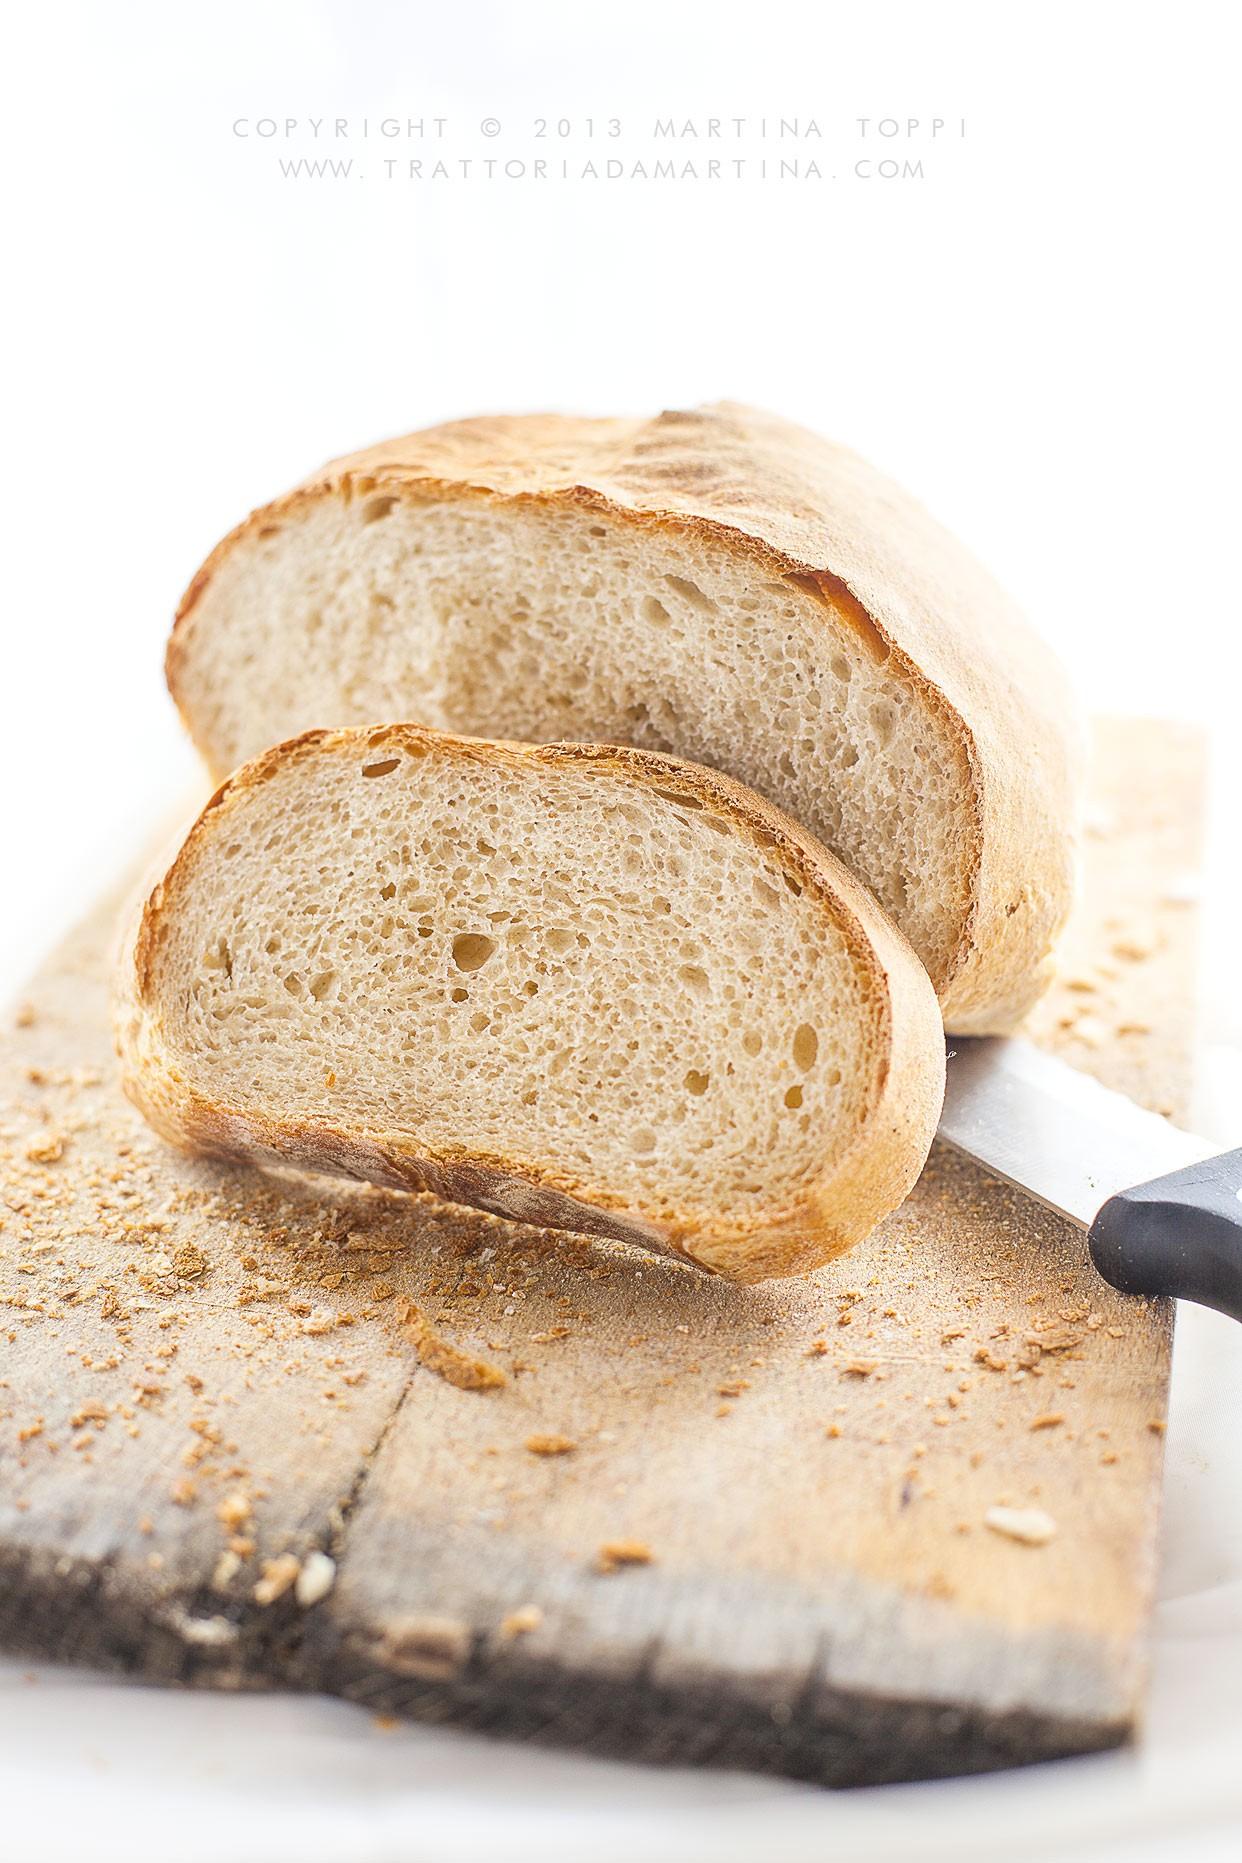 Pane con farro e farina tipo 1